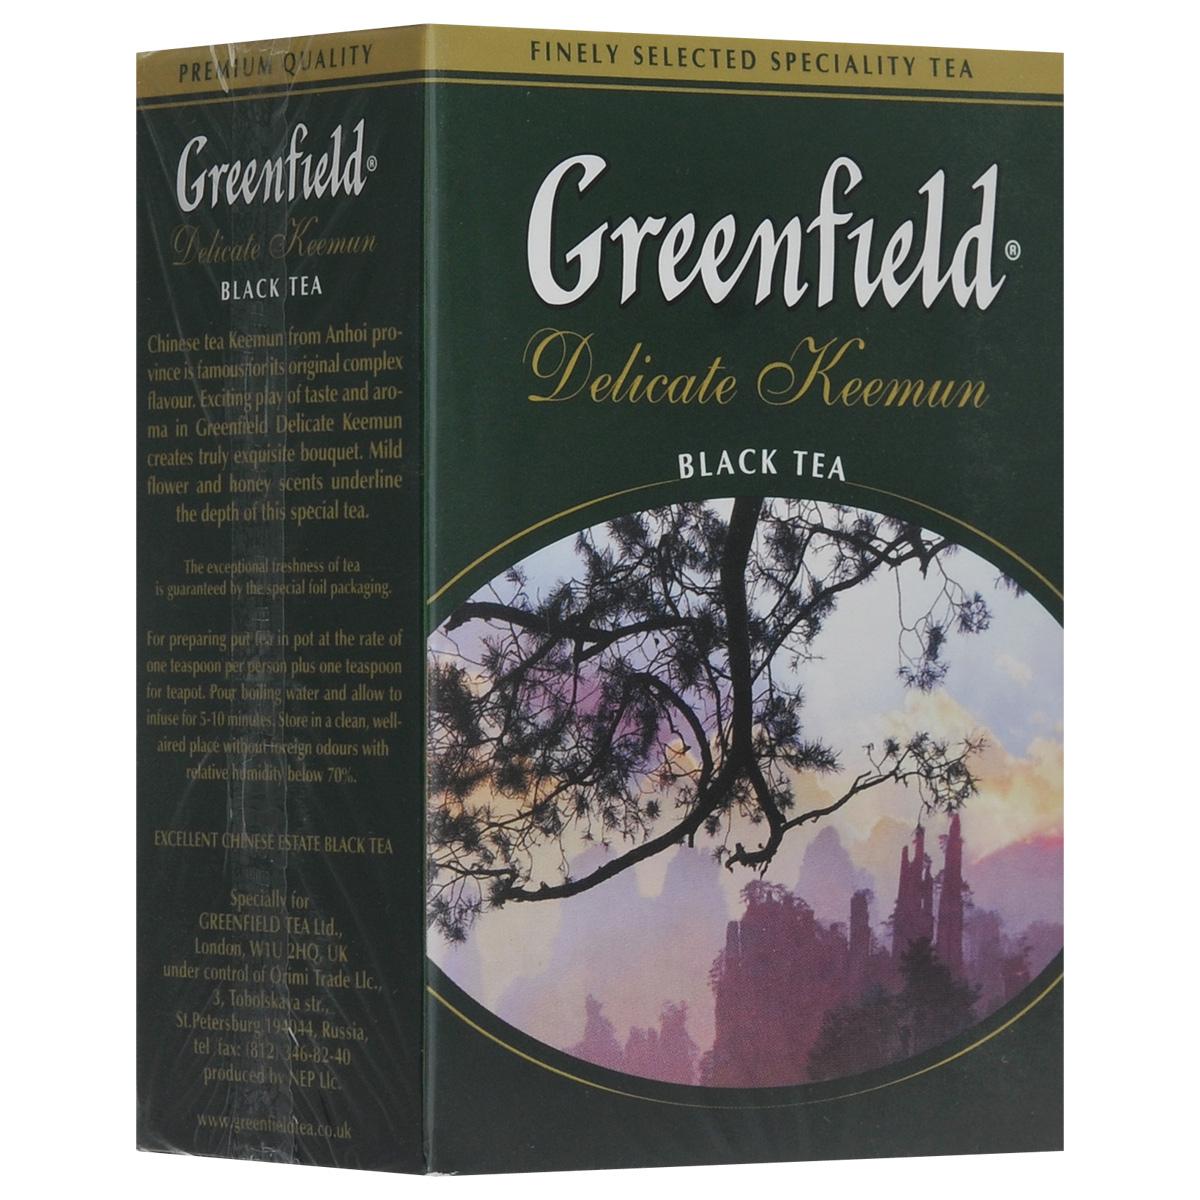 Greenfield Delicate Keemun черный листовой чай, 100 г0465-16Волнующая игра сложных оттенков и полутонов в букете Greenfield Delicate Keemun создает изысканное равновесие вкуса и аромата, присущее знаменитым чаям из китайской провинции Анхой. Тонкий аромат с легкой медовой нотой подчеркивает глубину спелого, плотного вкуса Greenfield Delicate Keemun.